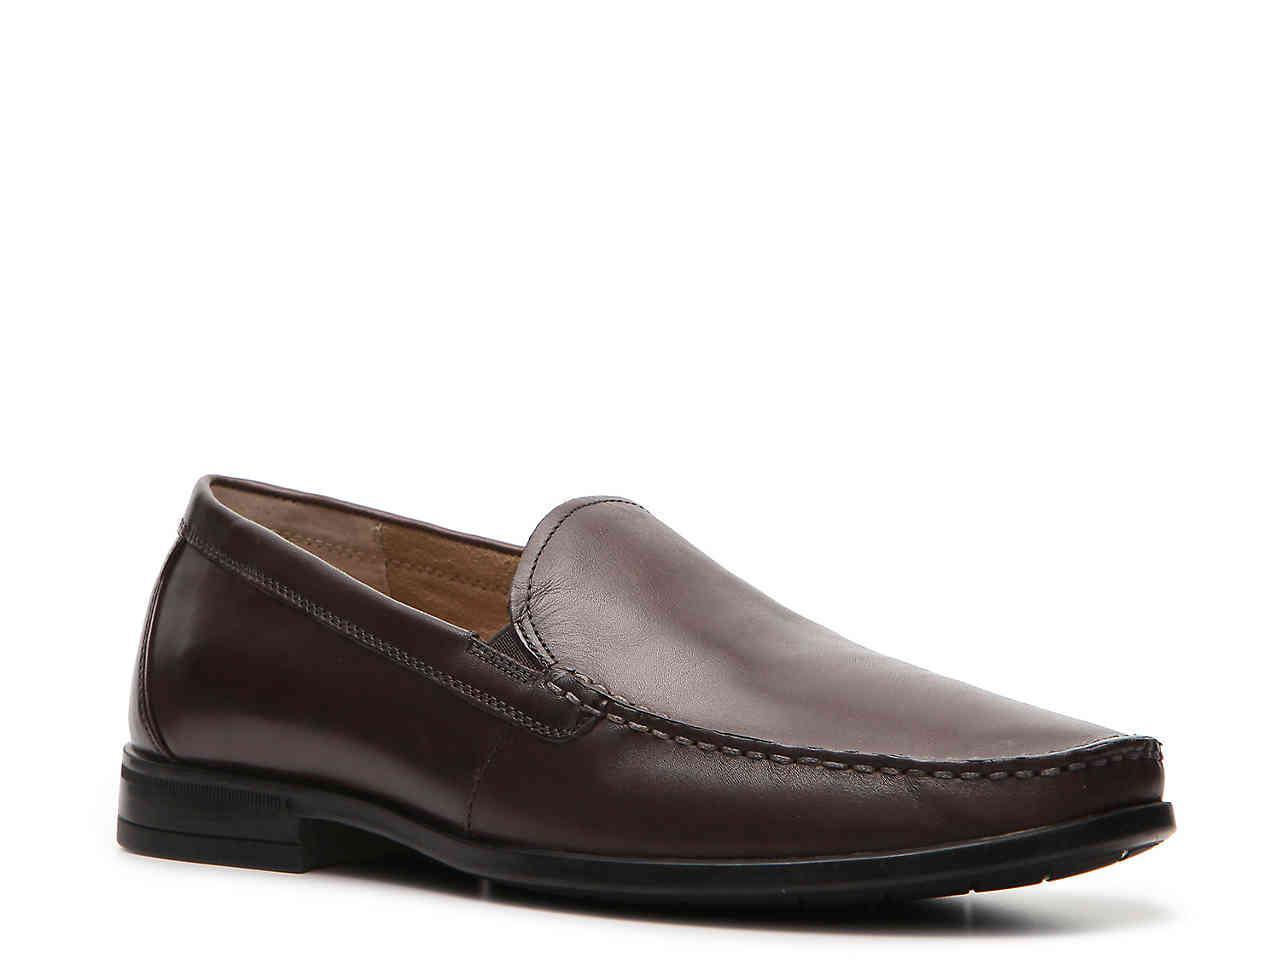 6cd467e085 Lyst - Nunn Bush Glenwood Slip-on in Brown for Men